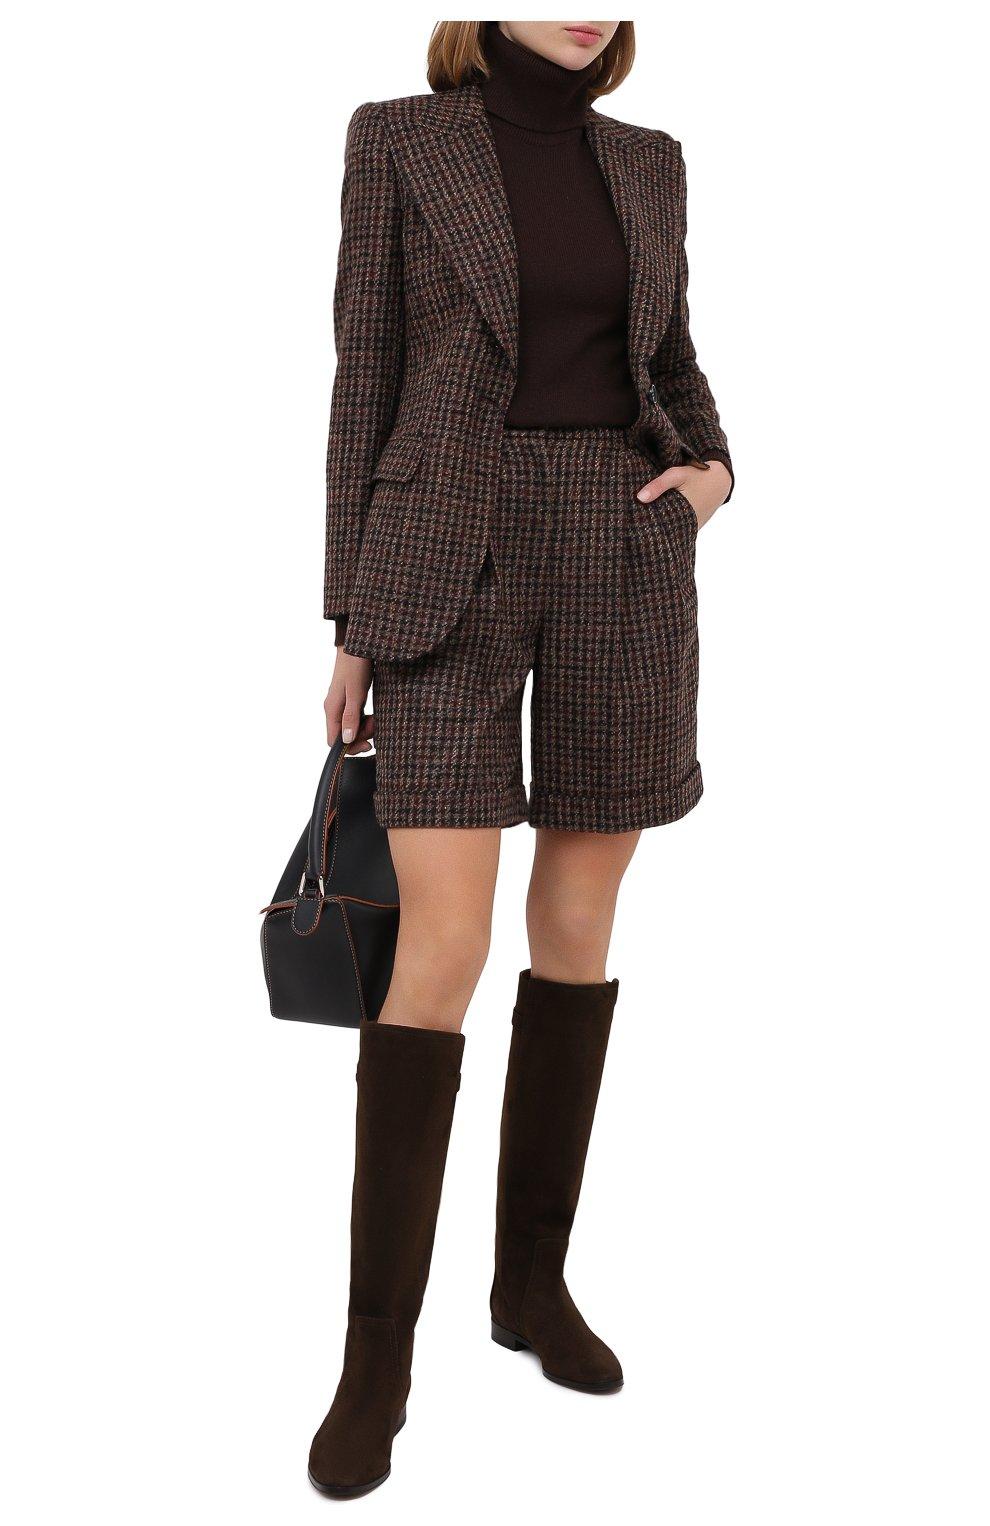 Женские шерстяные шорты DOLCE & GABBANA коричневого цвета, арт. FTBX0T/FQMH3 | Фото 2 (Женское Кросс-КТ: Шорты-одежда; Материал внешний: Шерсть; Длина Ж (юбки, платья, шорты): Мини)